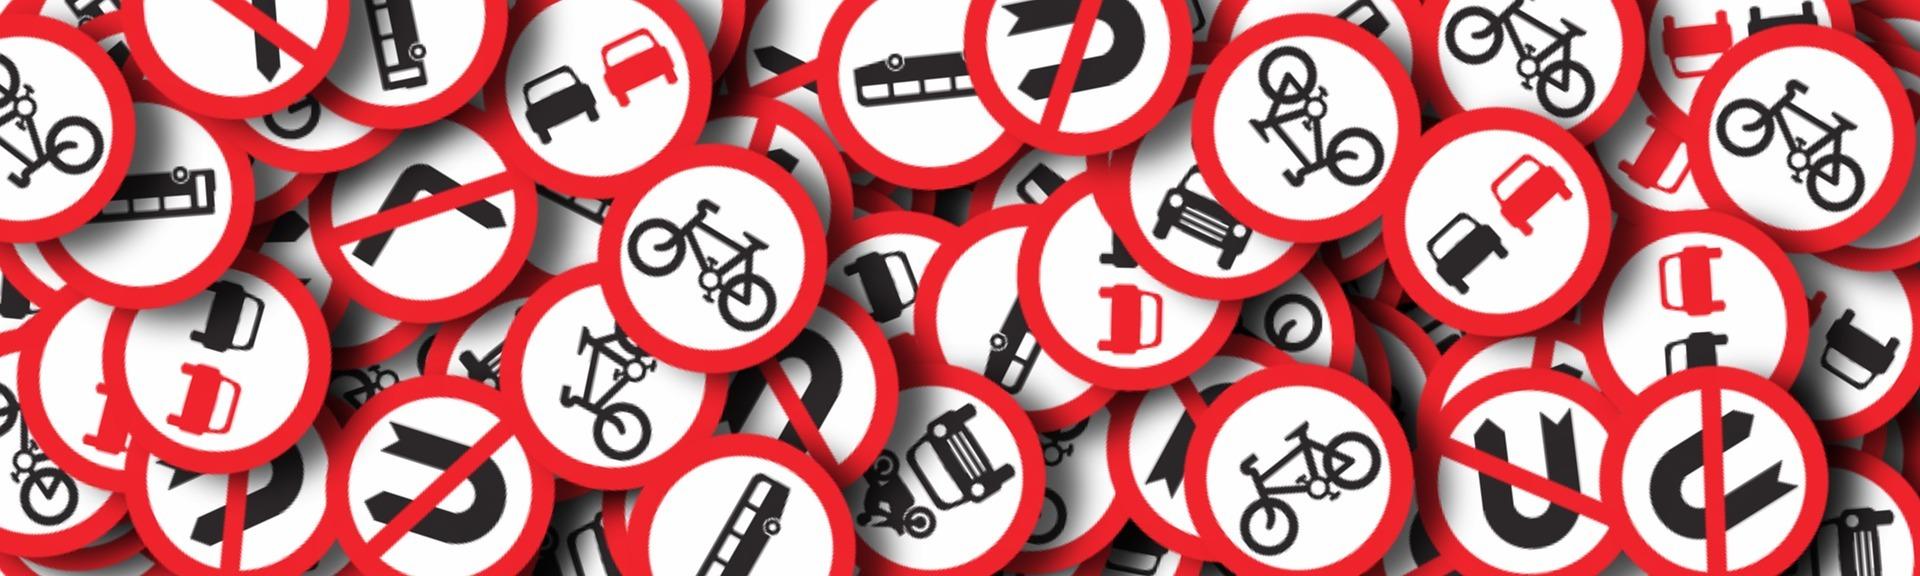 Significado de las principales señales de tráfico ¿Las conoces todas?